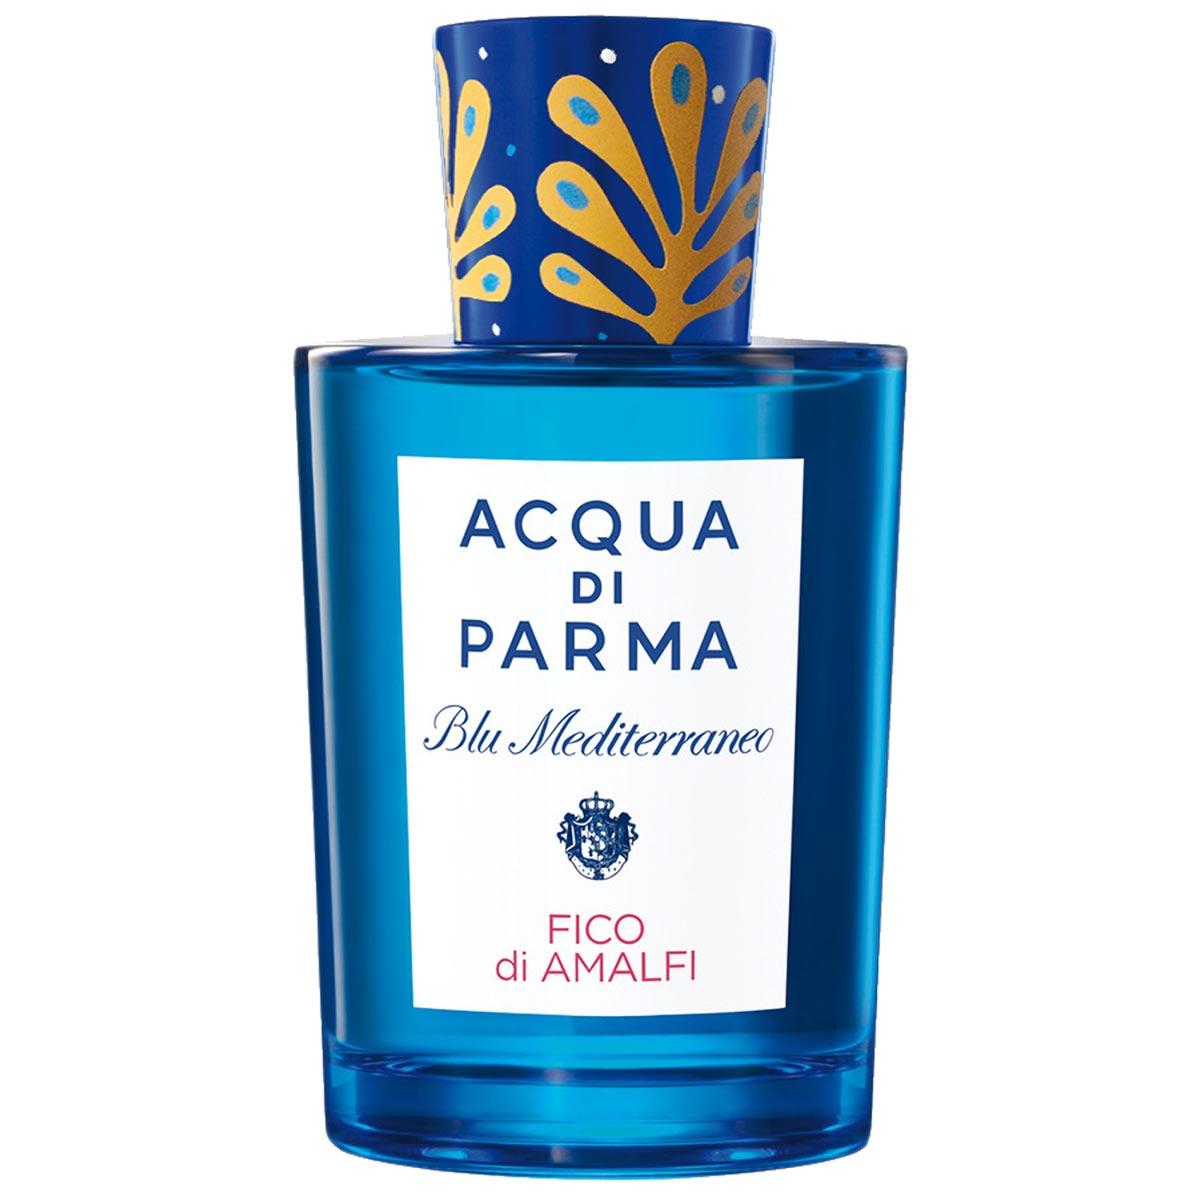 Acqua di Parma by Isoì